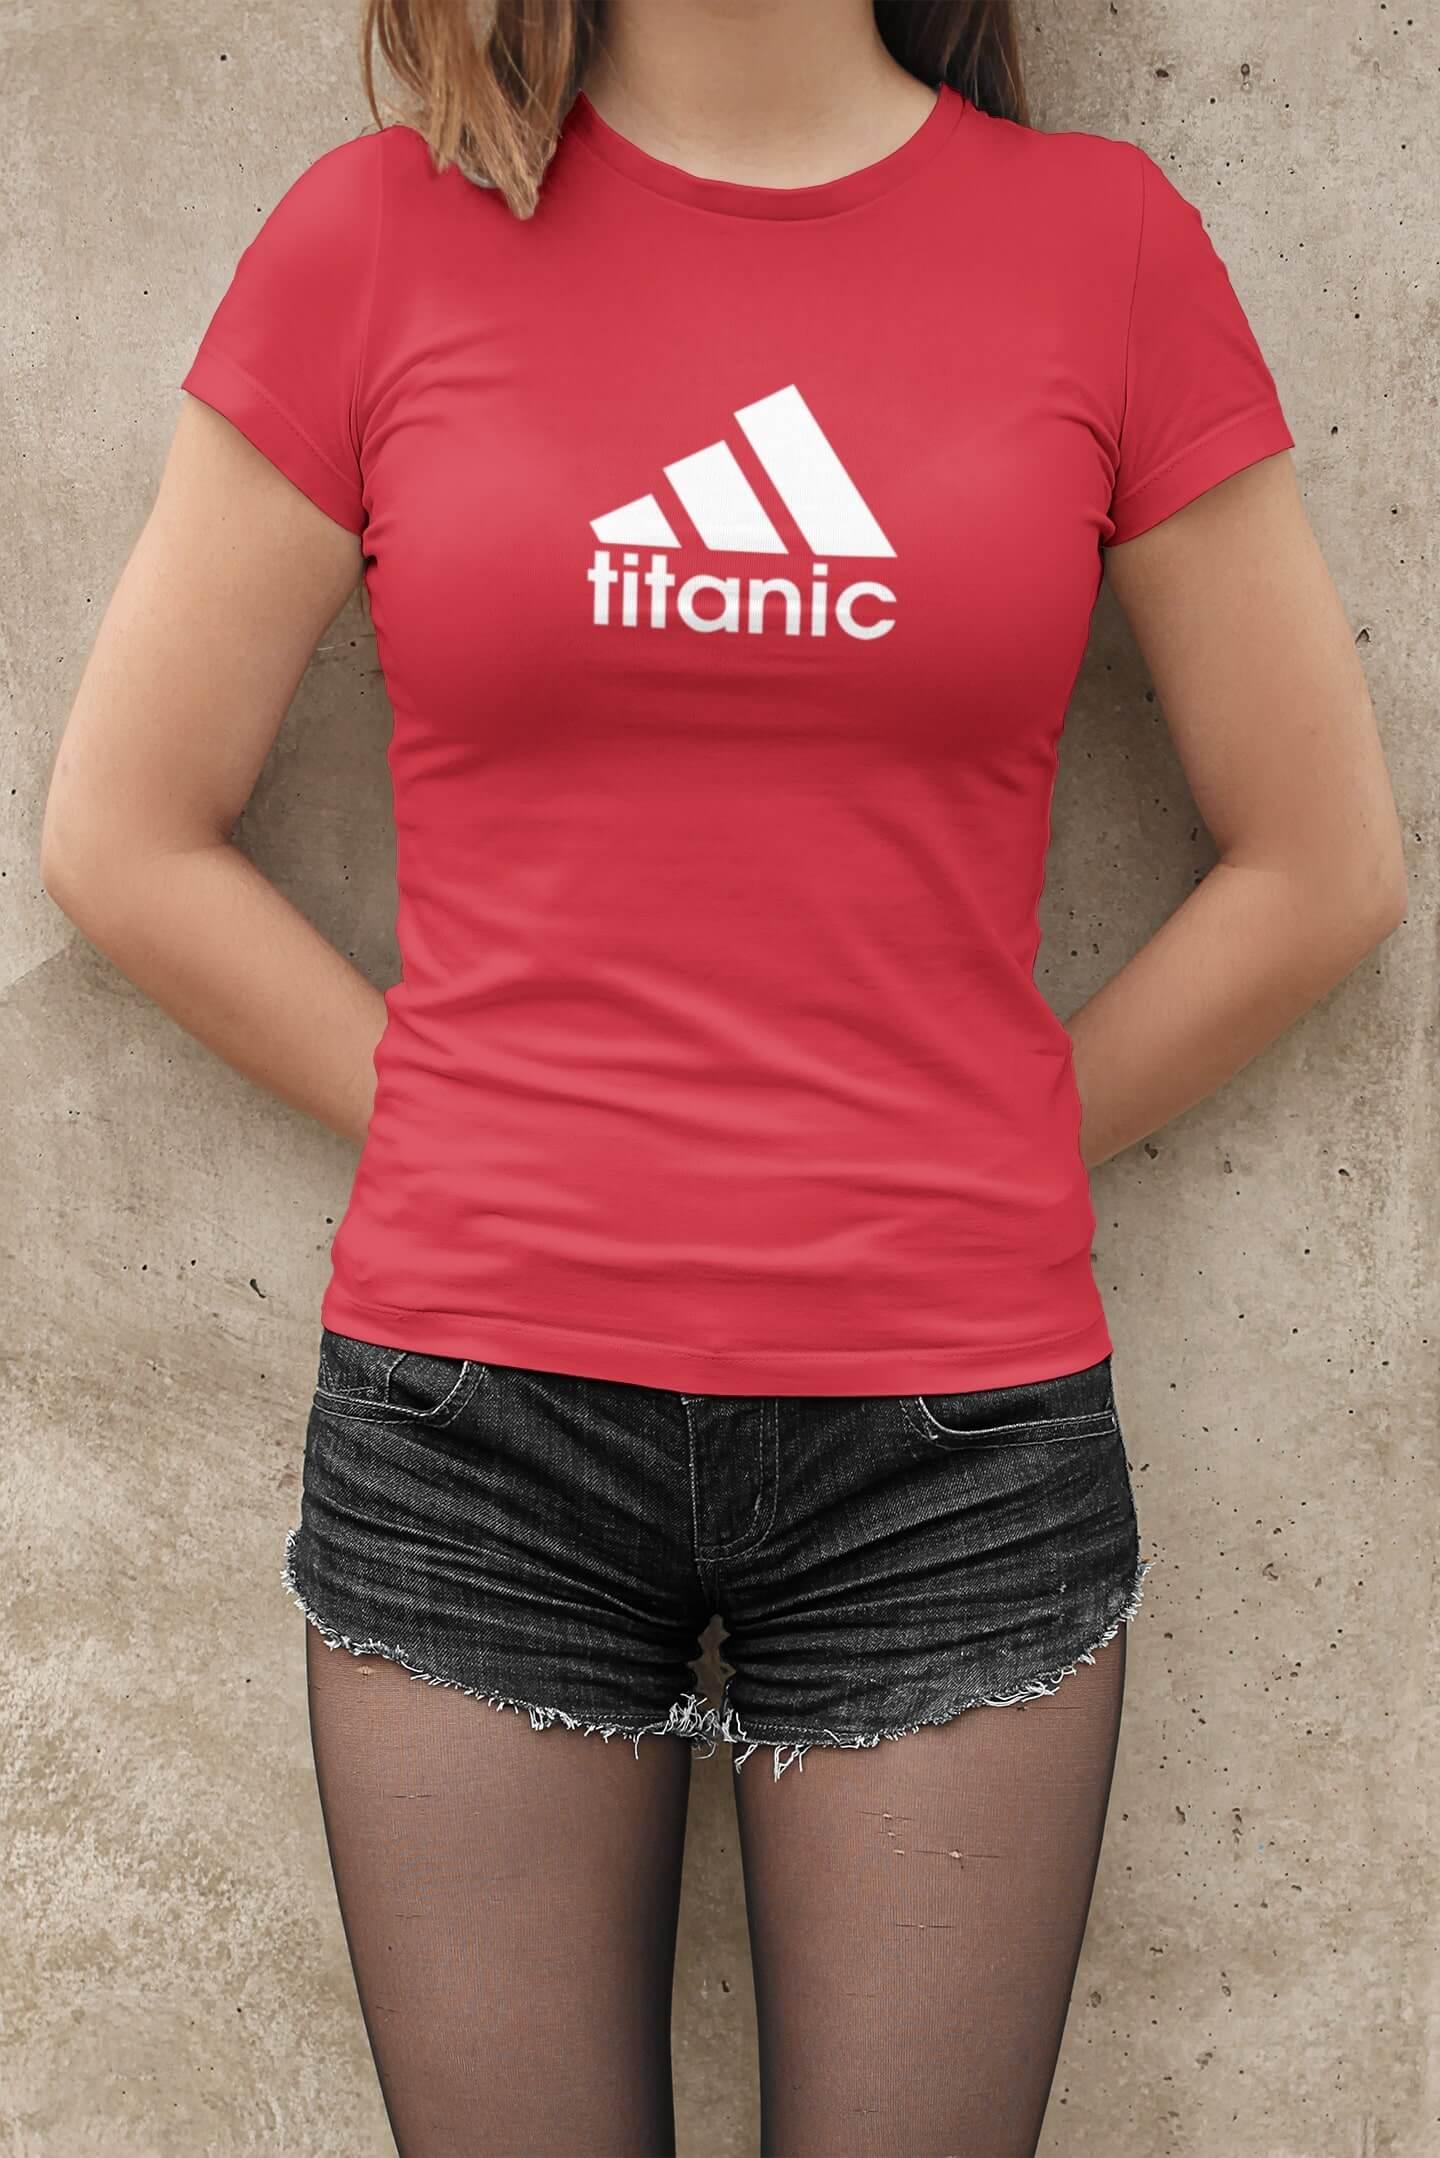 MMO Dámske tričko Titanic Vyberte farbu: Červená, Dámska veľkosť: M